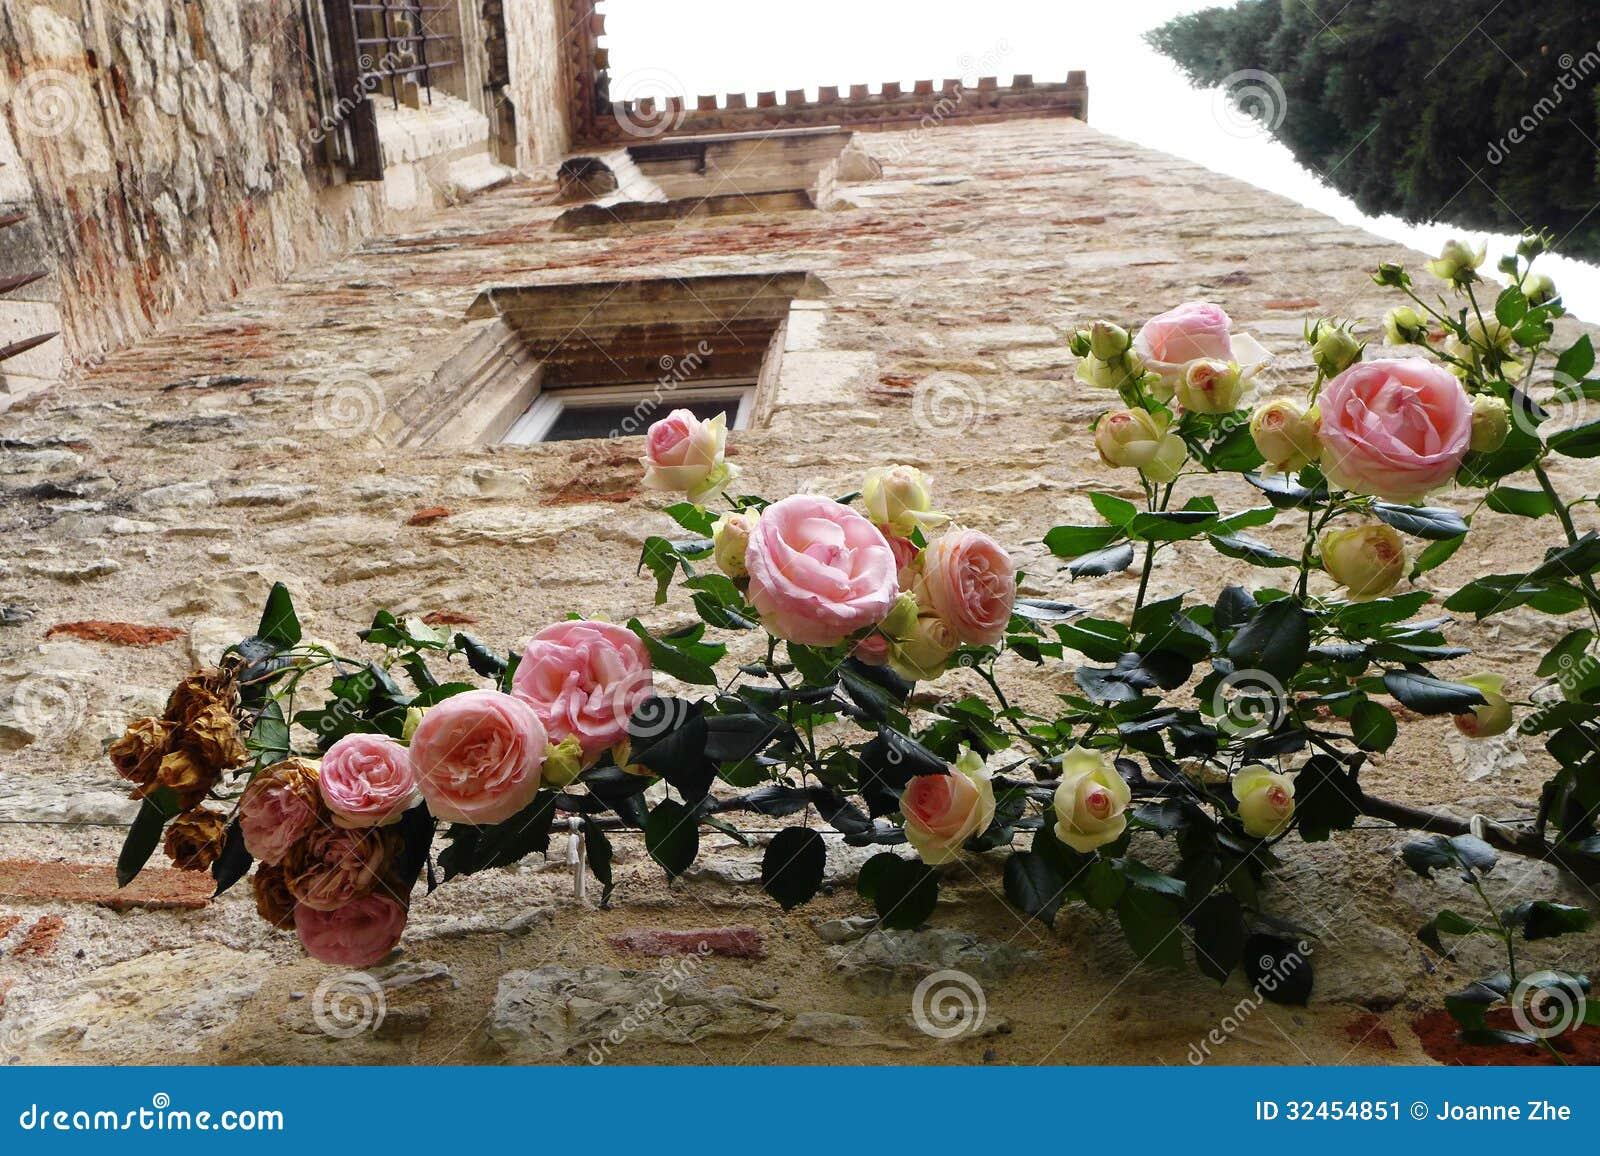 Pianta Di Rosa Sulla Parete Antica Immagine Stock ...